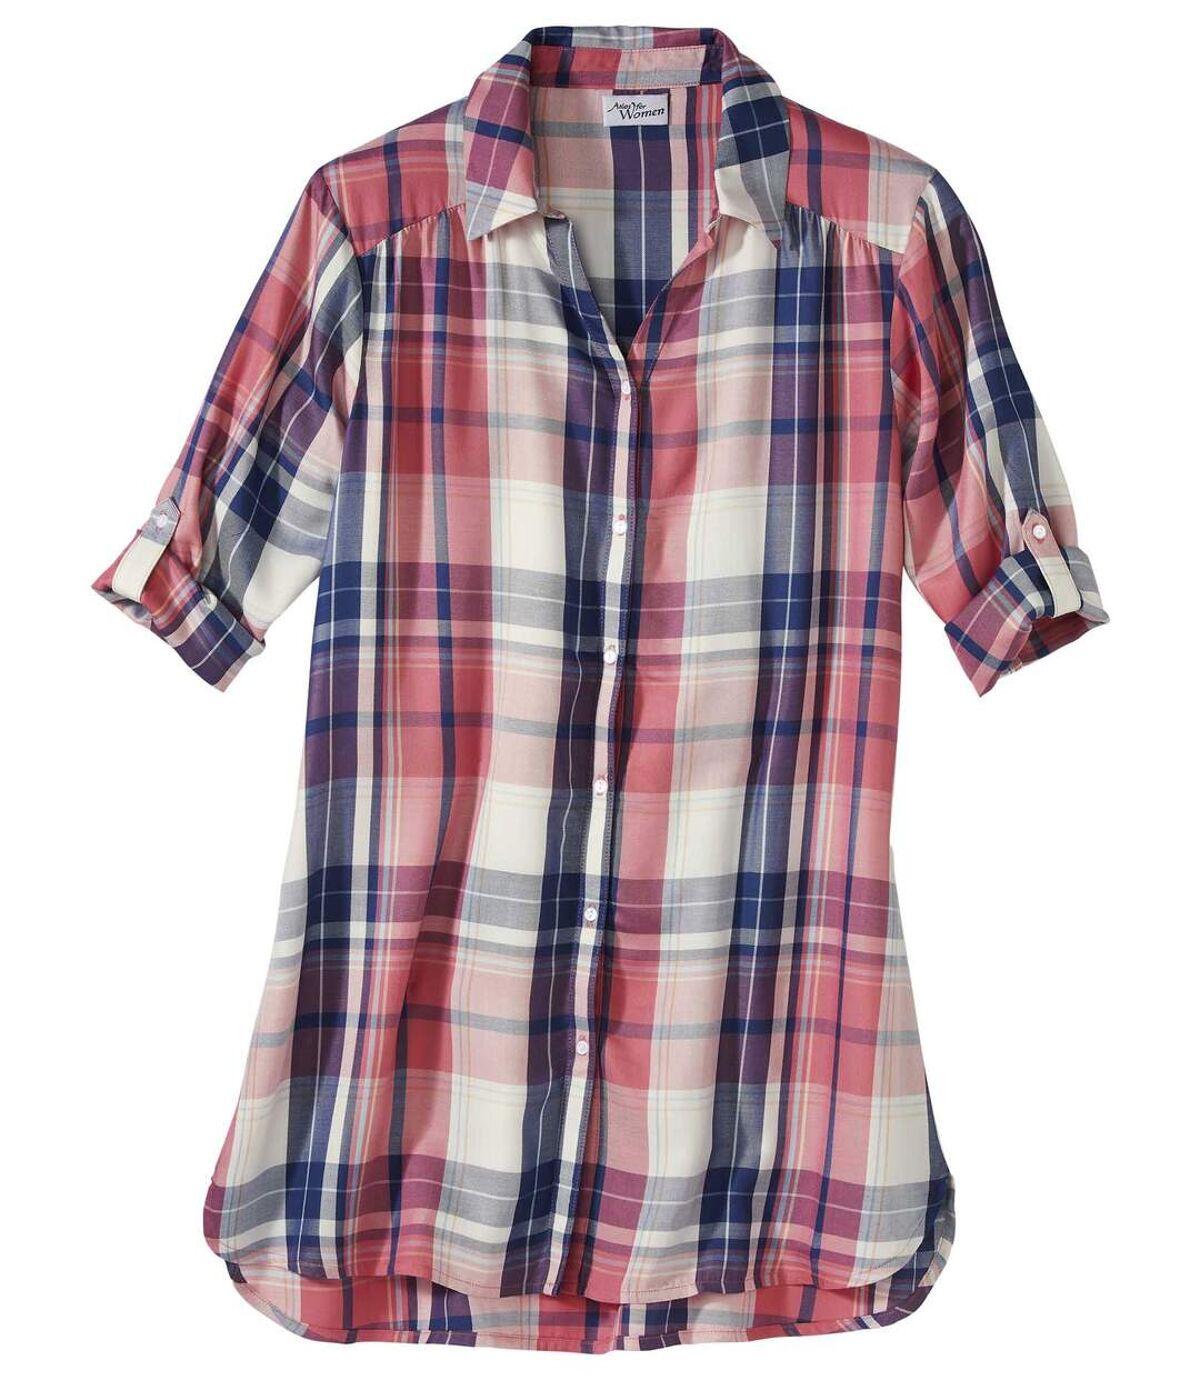 Women's Longline Checked Shirt - Blue White Pink Atlas For Men